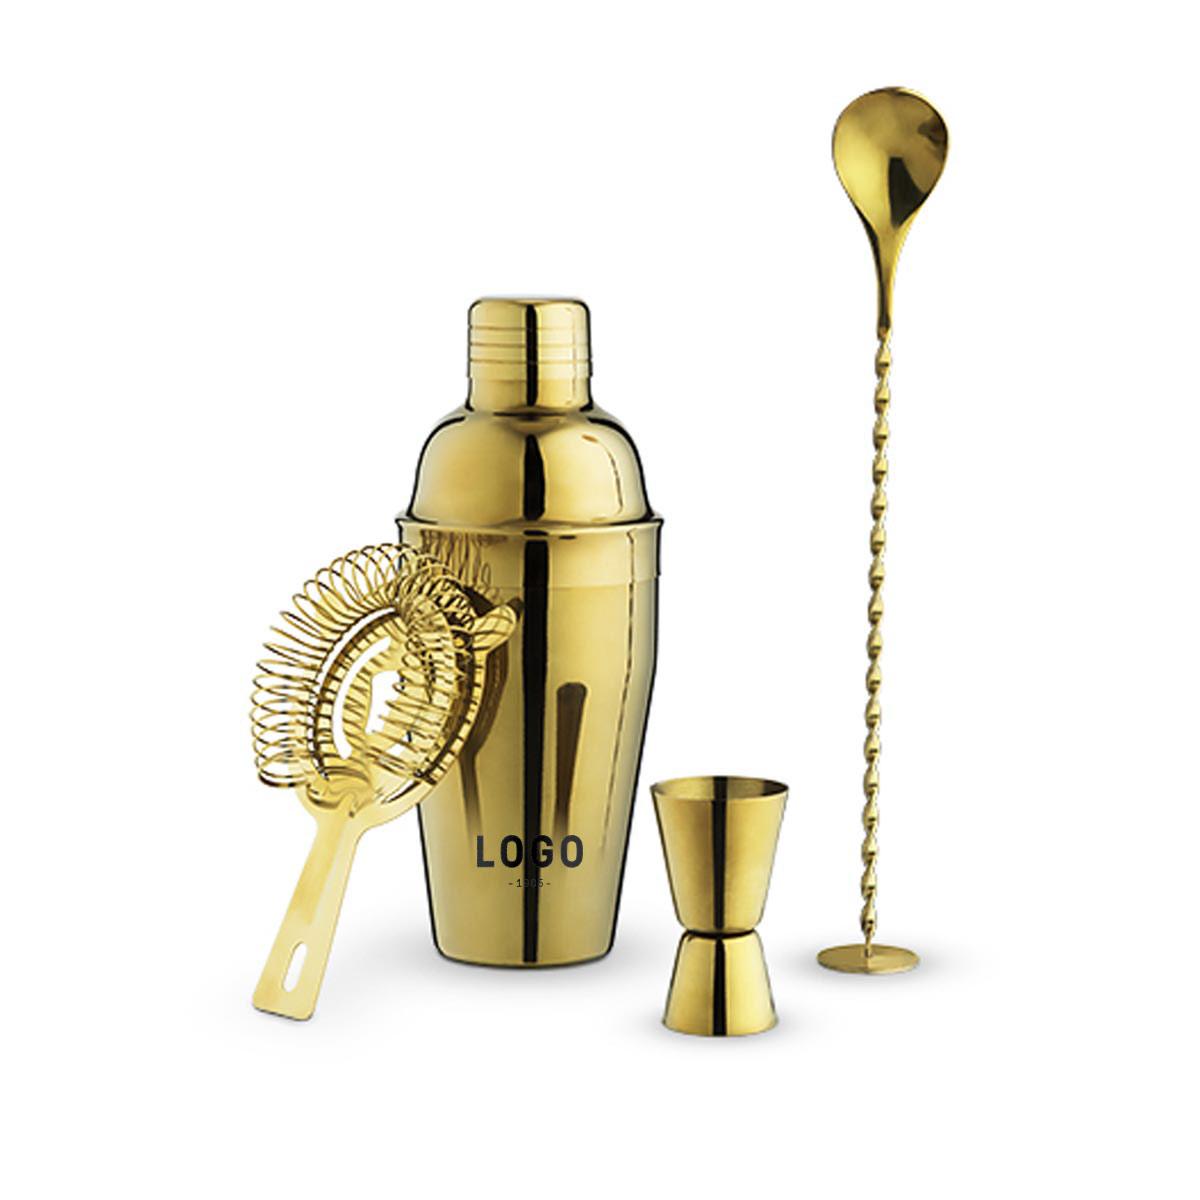 130234 gold shaker set one color imprint on jigger or shaker